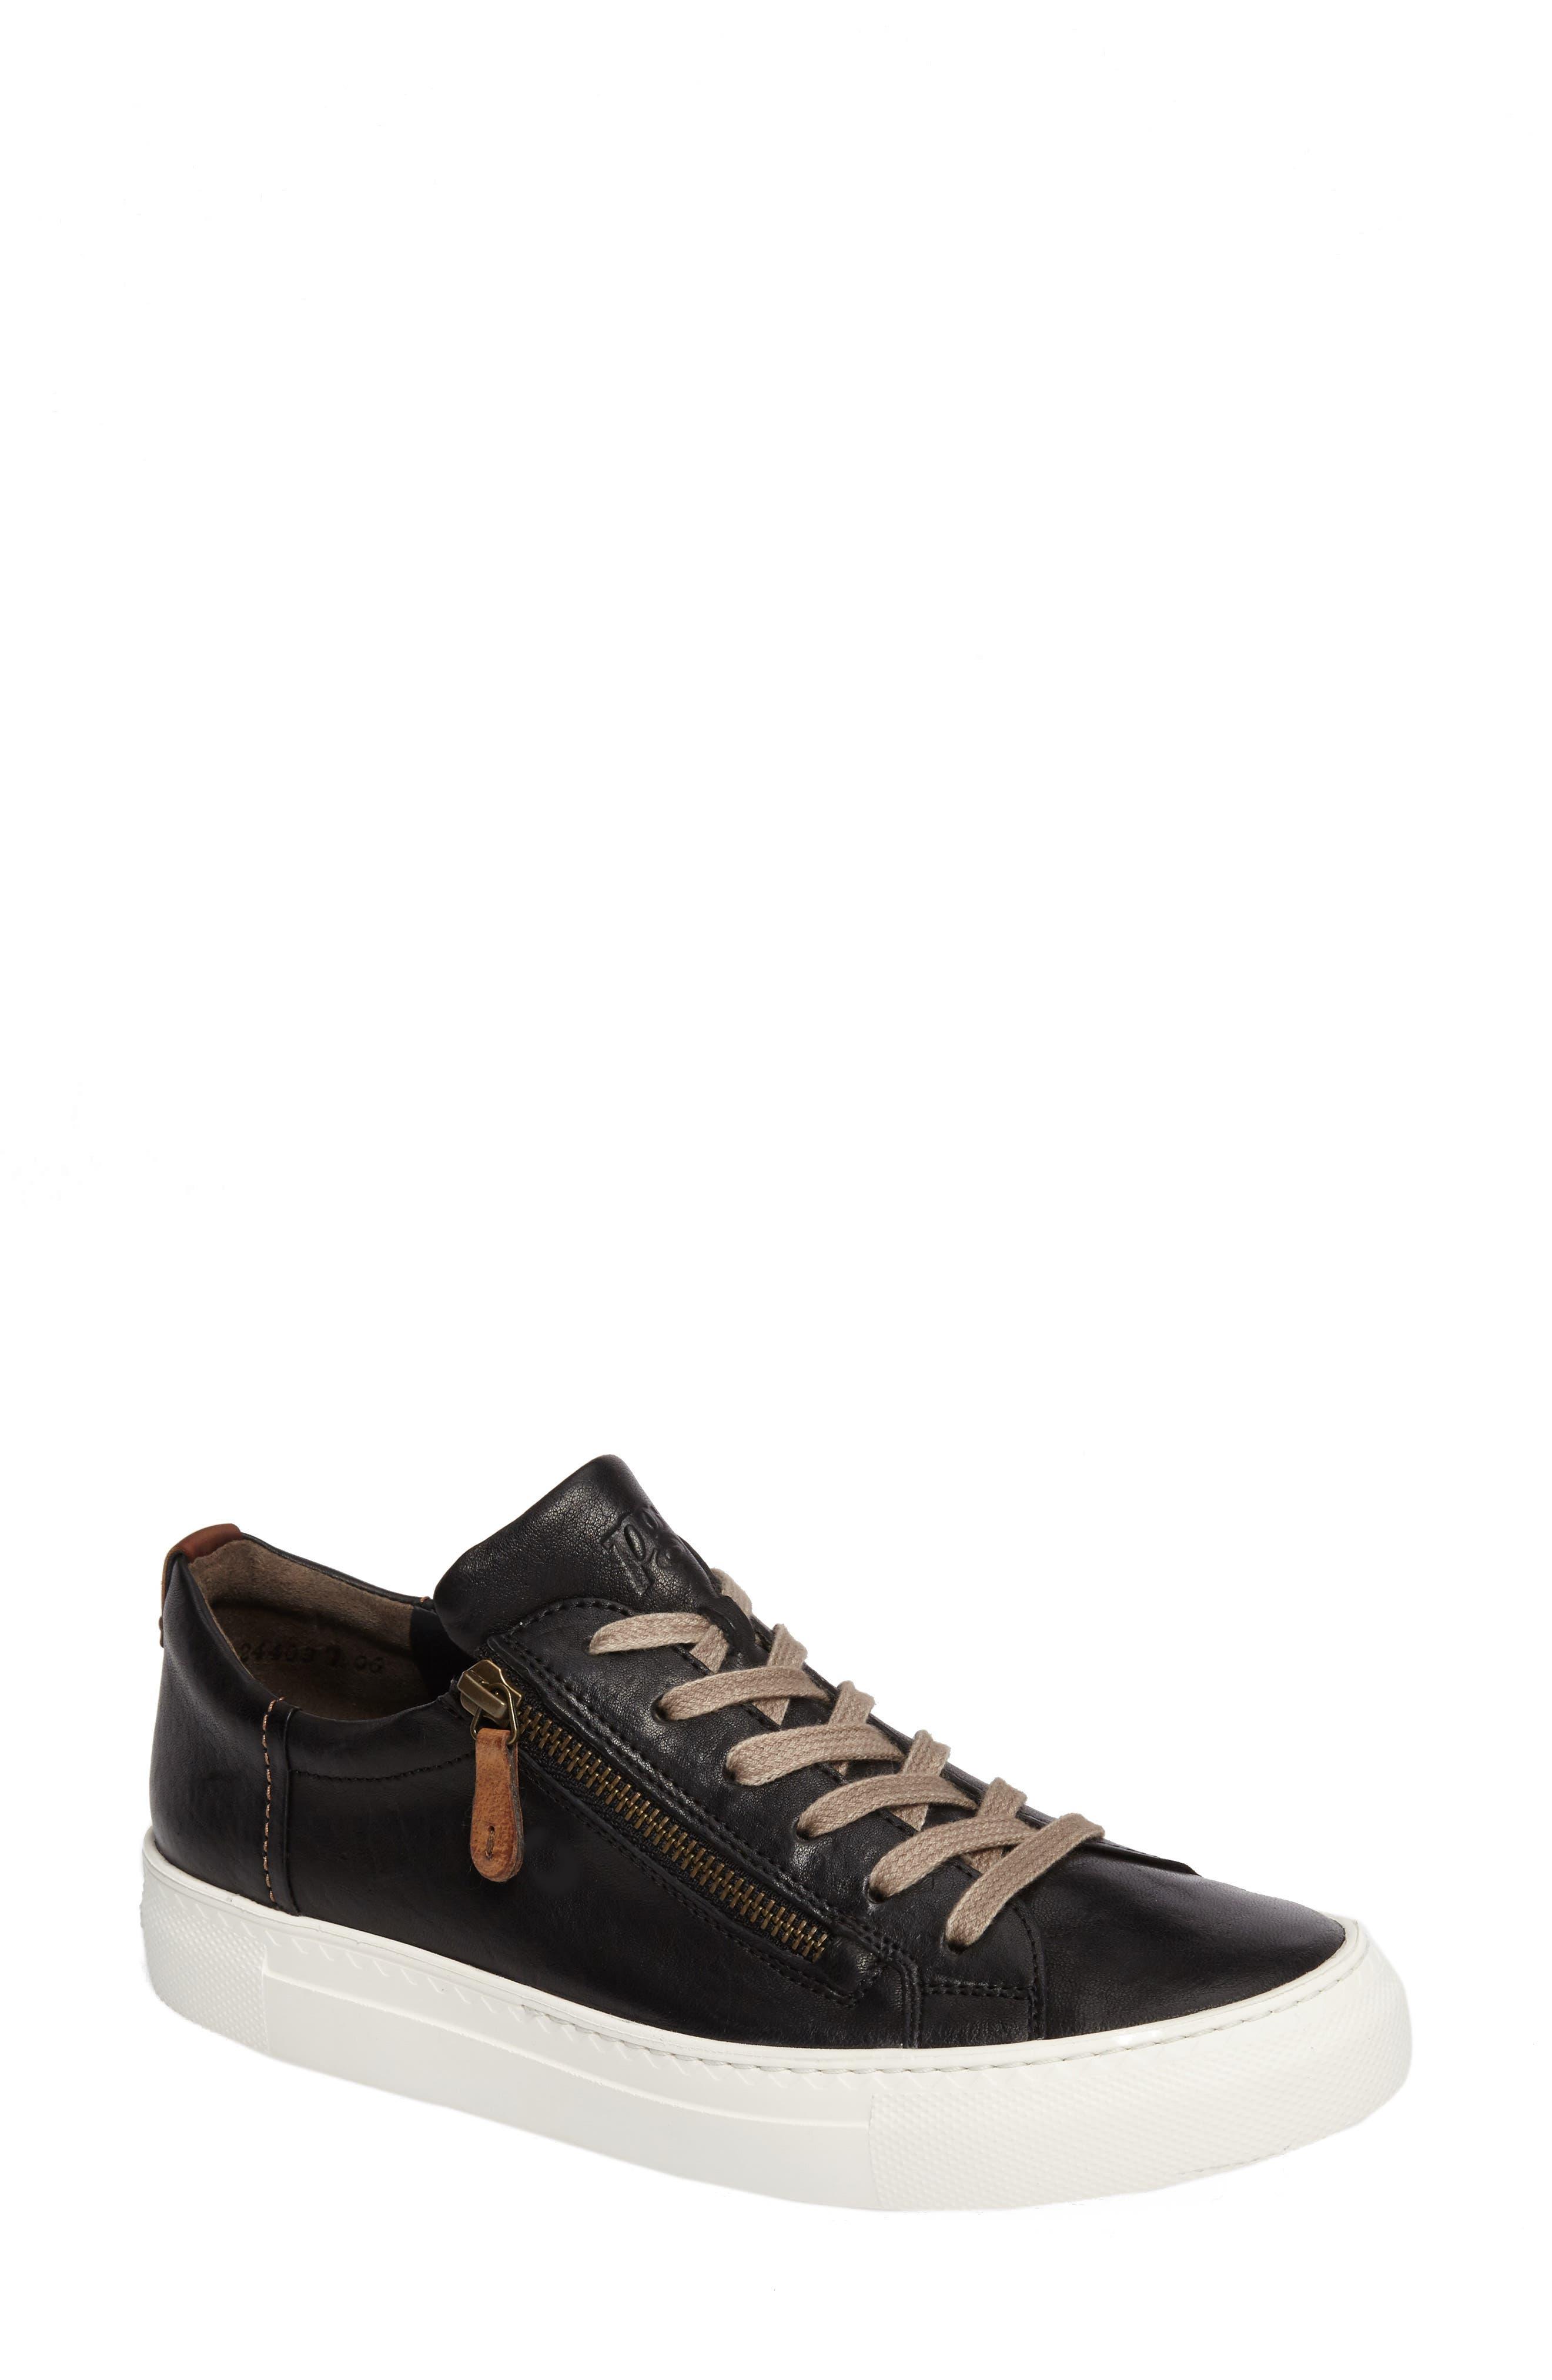 Paul Green Side Zip Sneaker (Women)